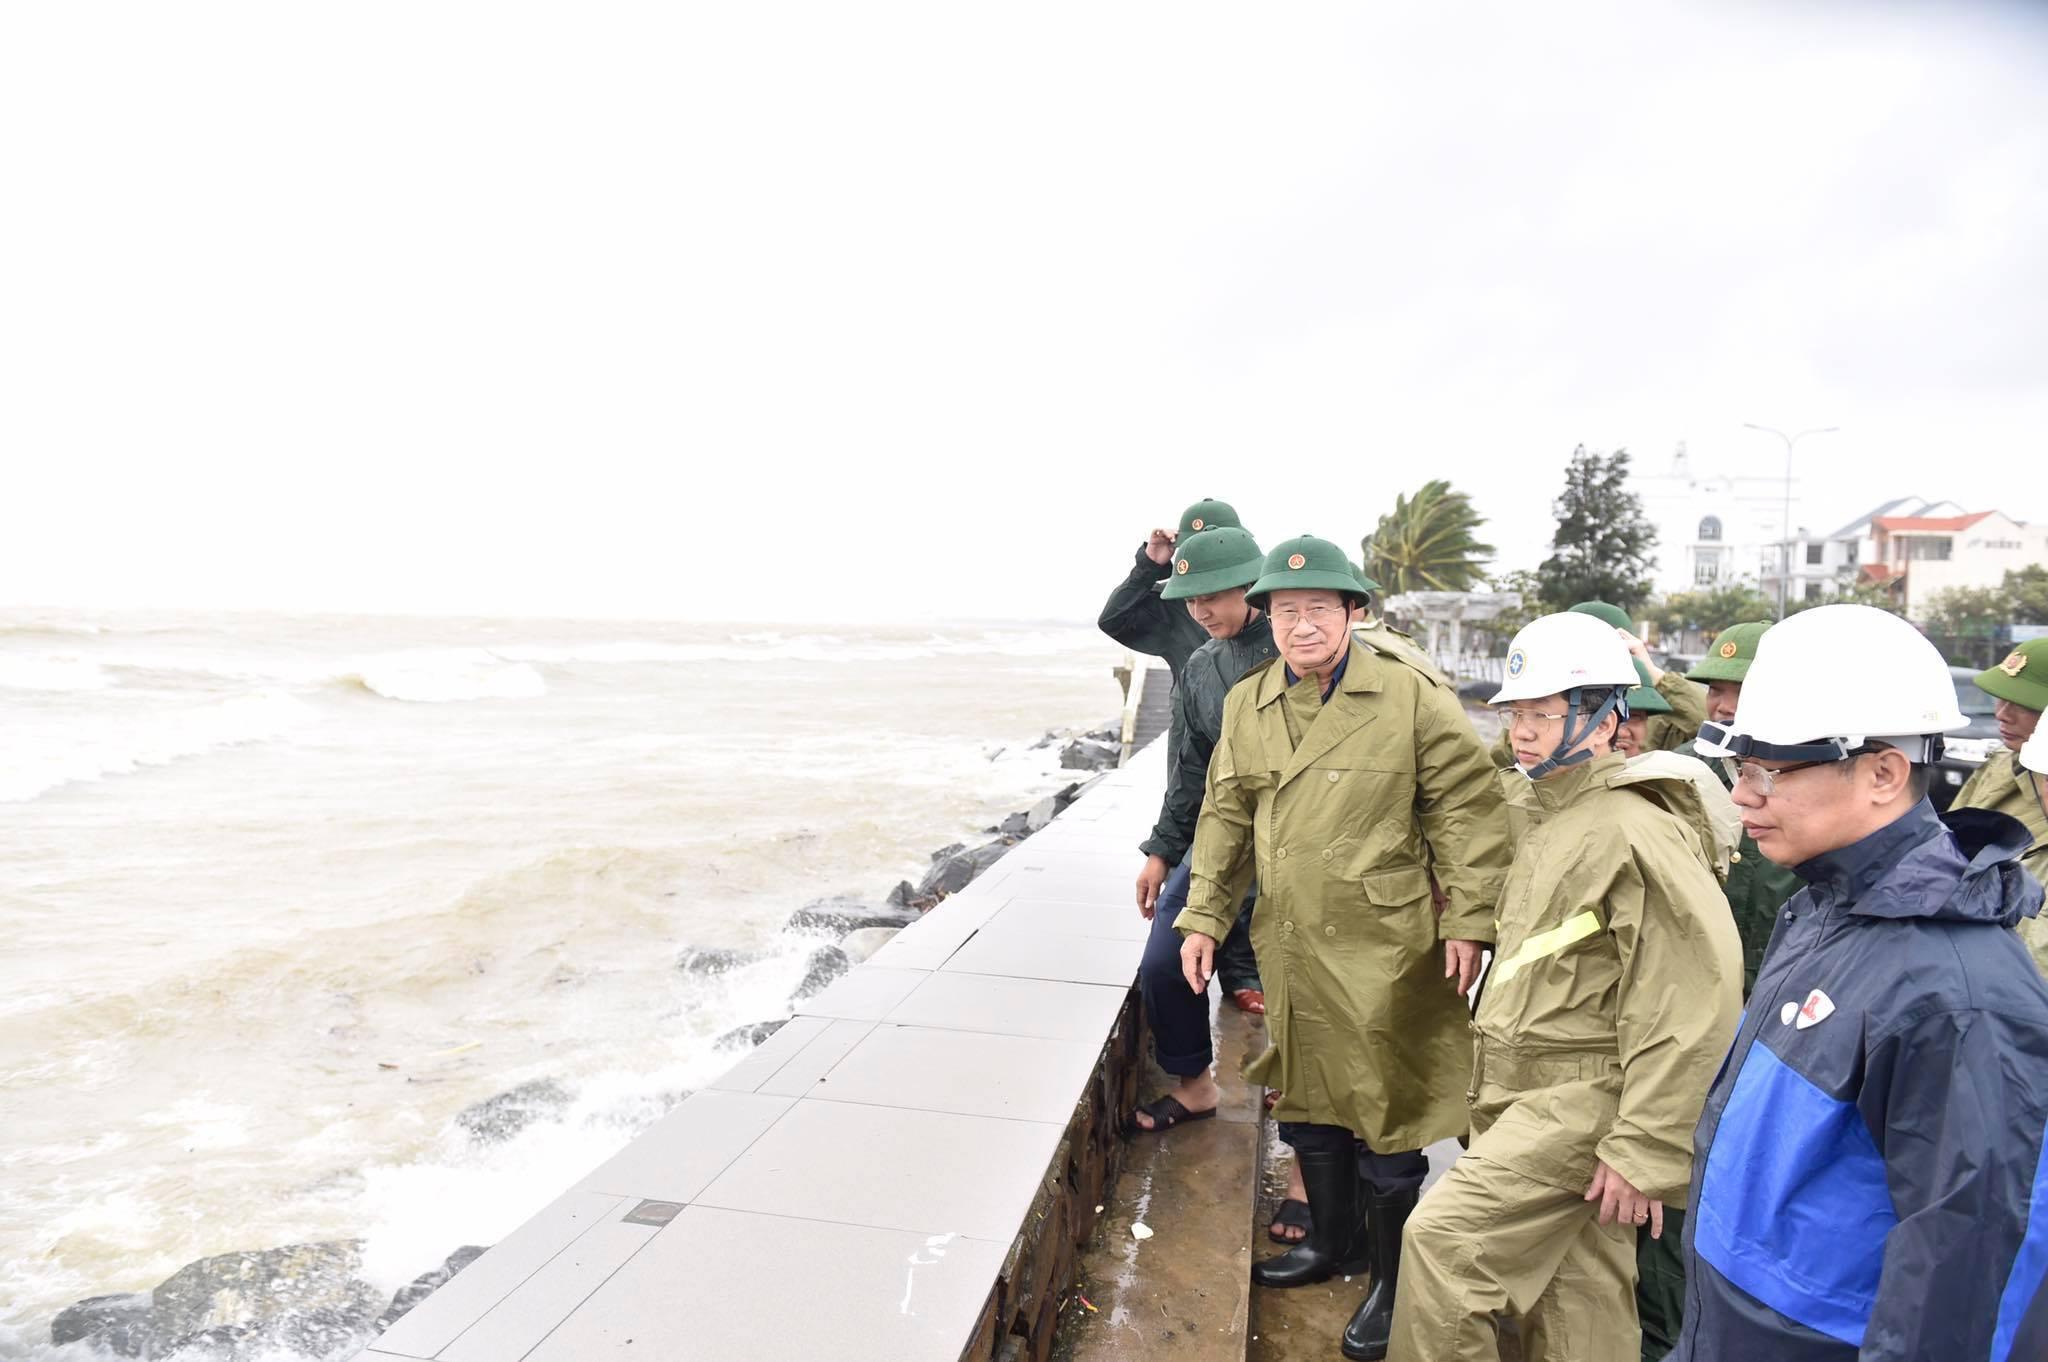 Phó Thủ tướng Trịnh Đình Dũng kiểm tra bờ kè tại Đường Nguyễn Tất Thành, TP. Đà Nẵng.